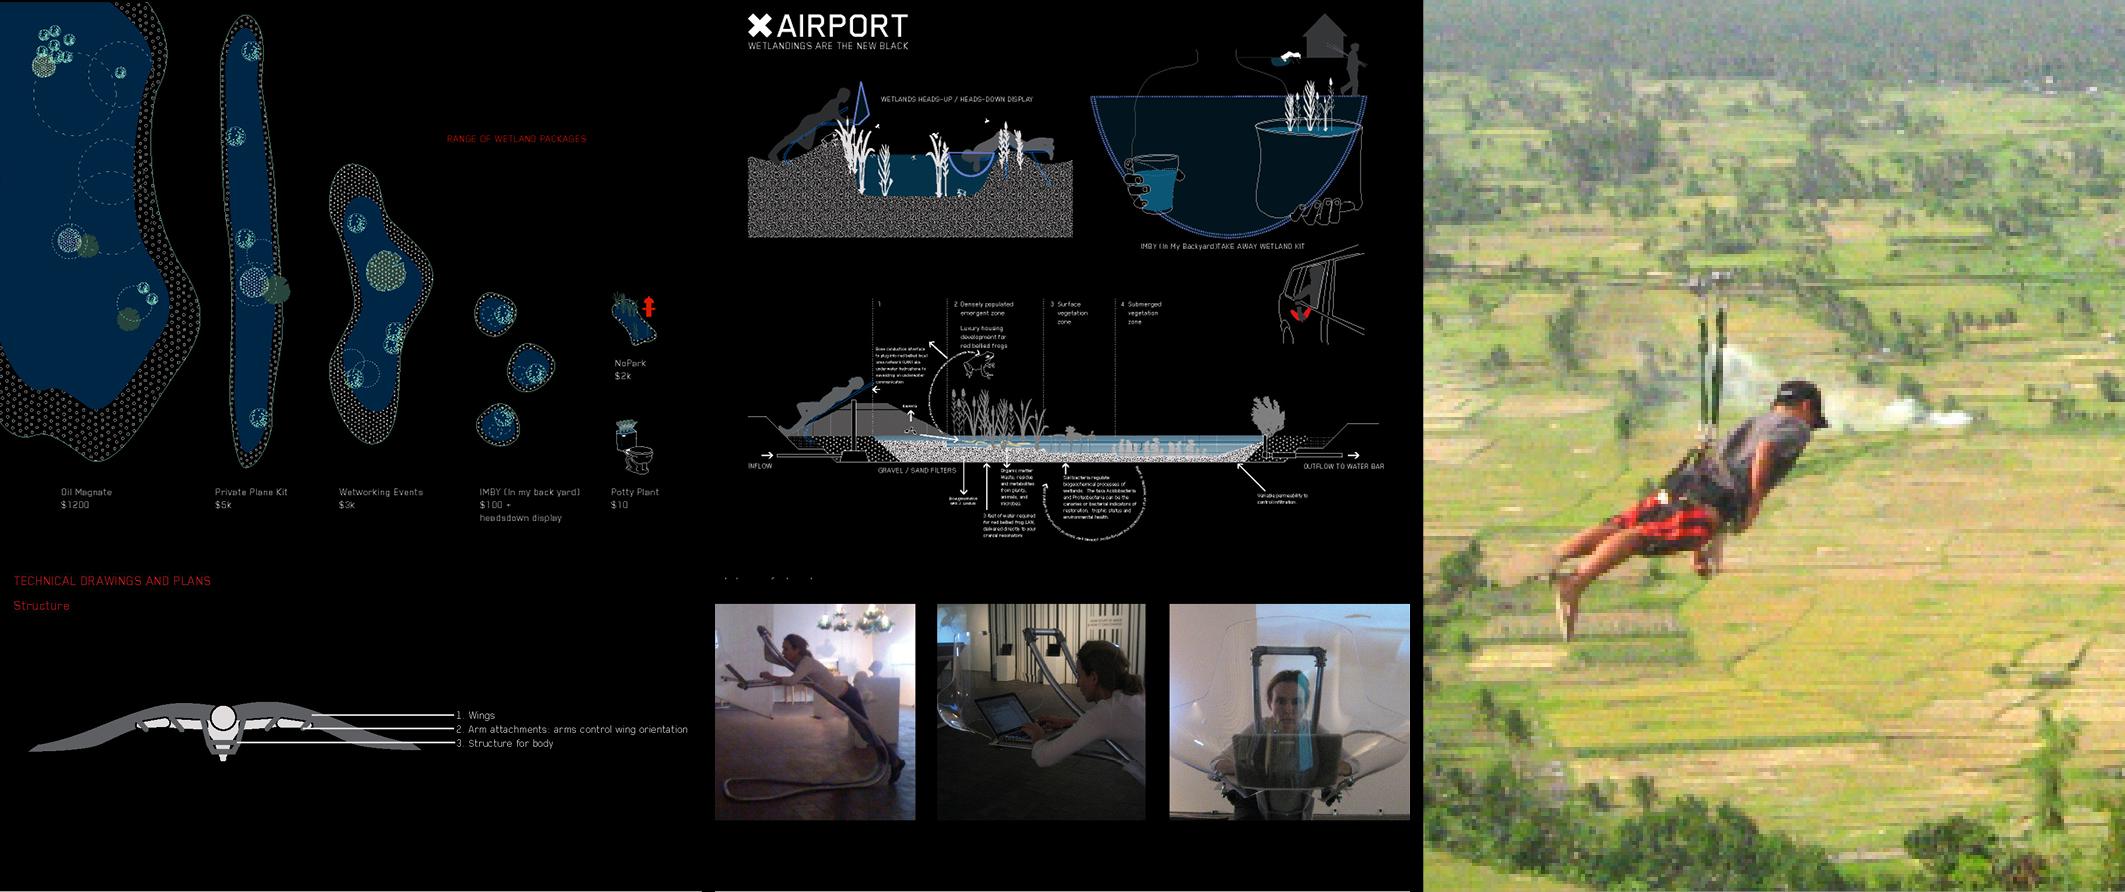 Fletcherstudio Web-Exhibitions-xAirport4.jpg